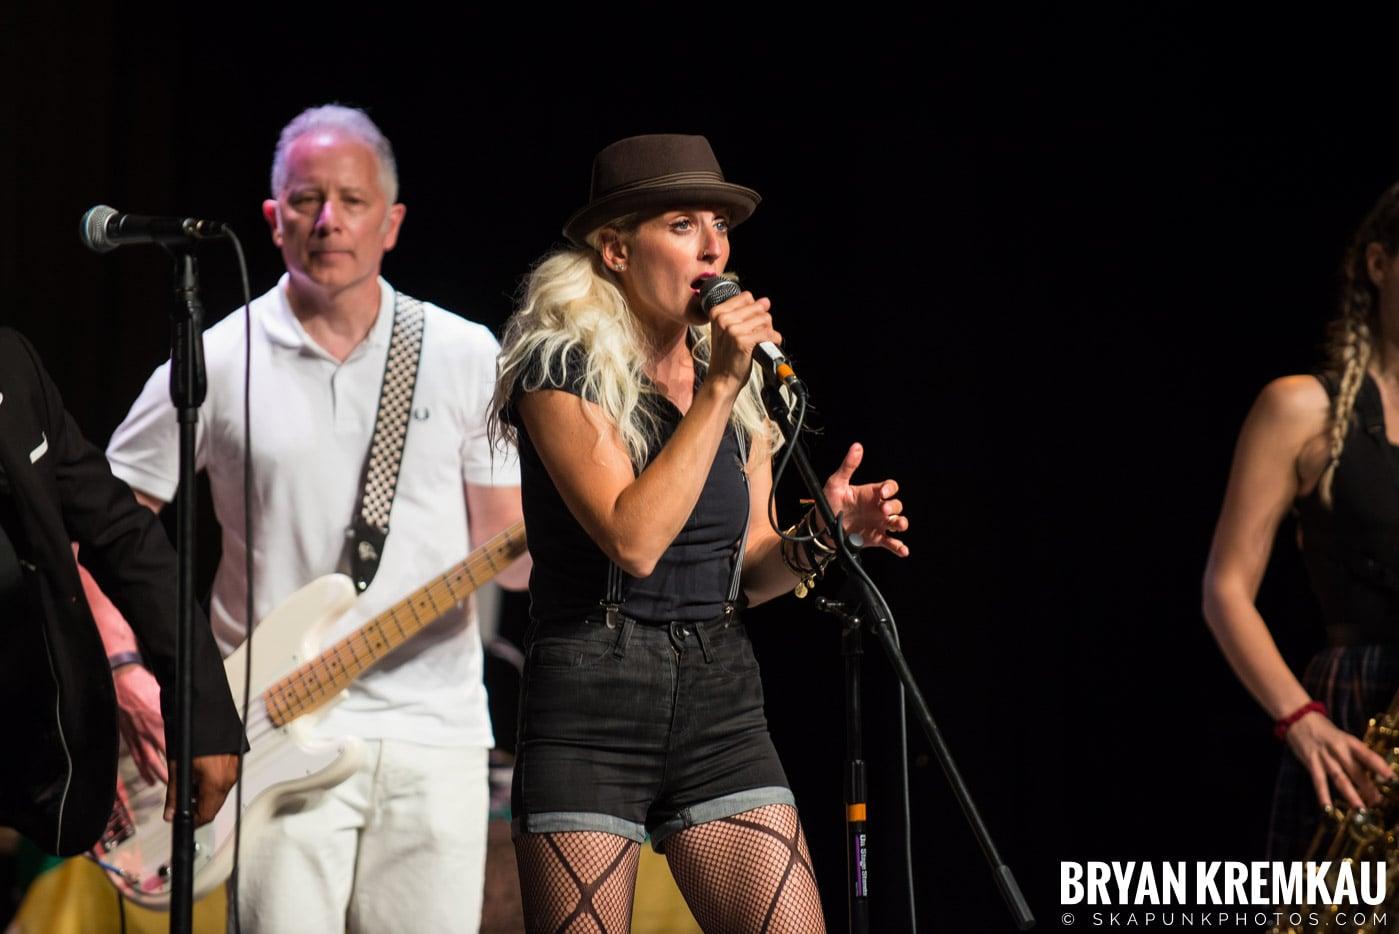 Rude Boy George @ Oskar Schindler Performing Arts Center, West Orange, NJ - 8.19.17 (43)